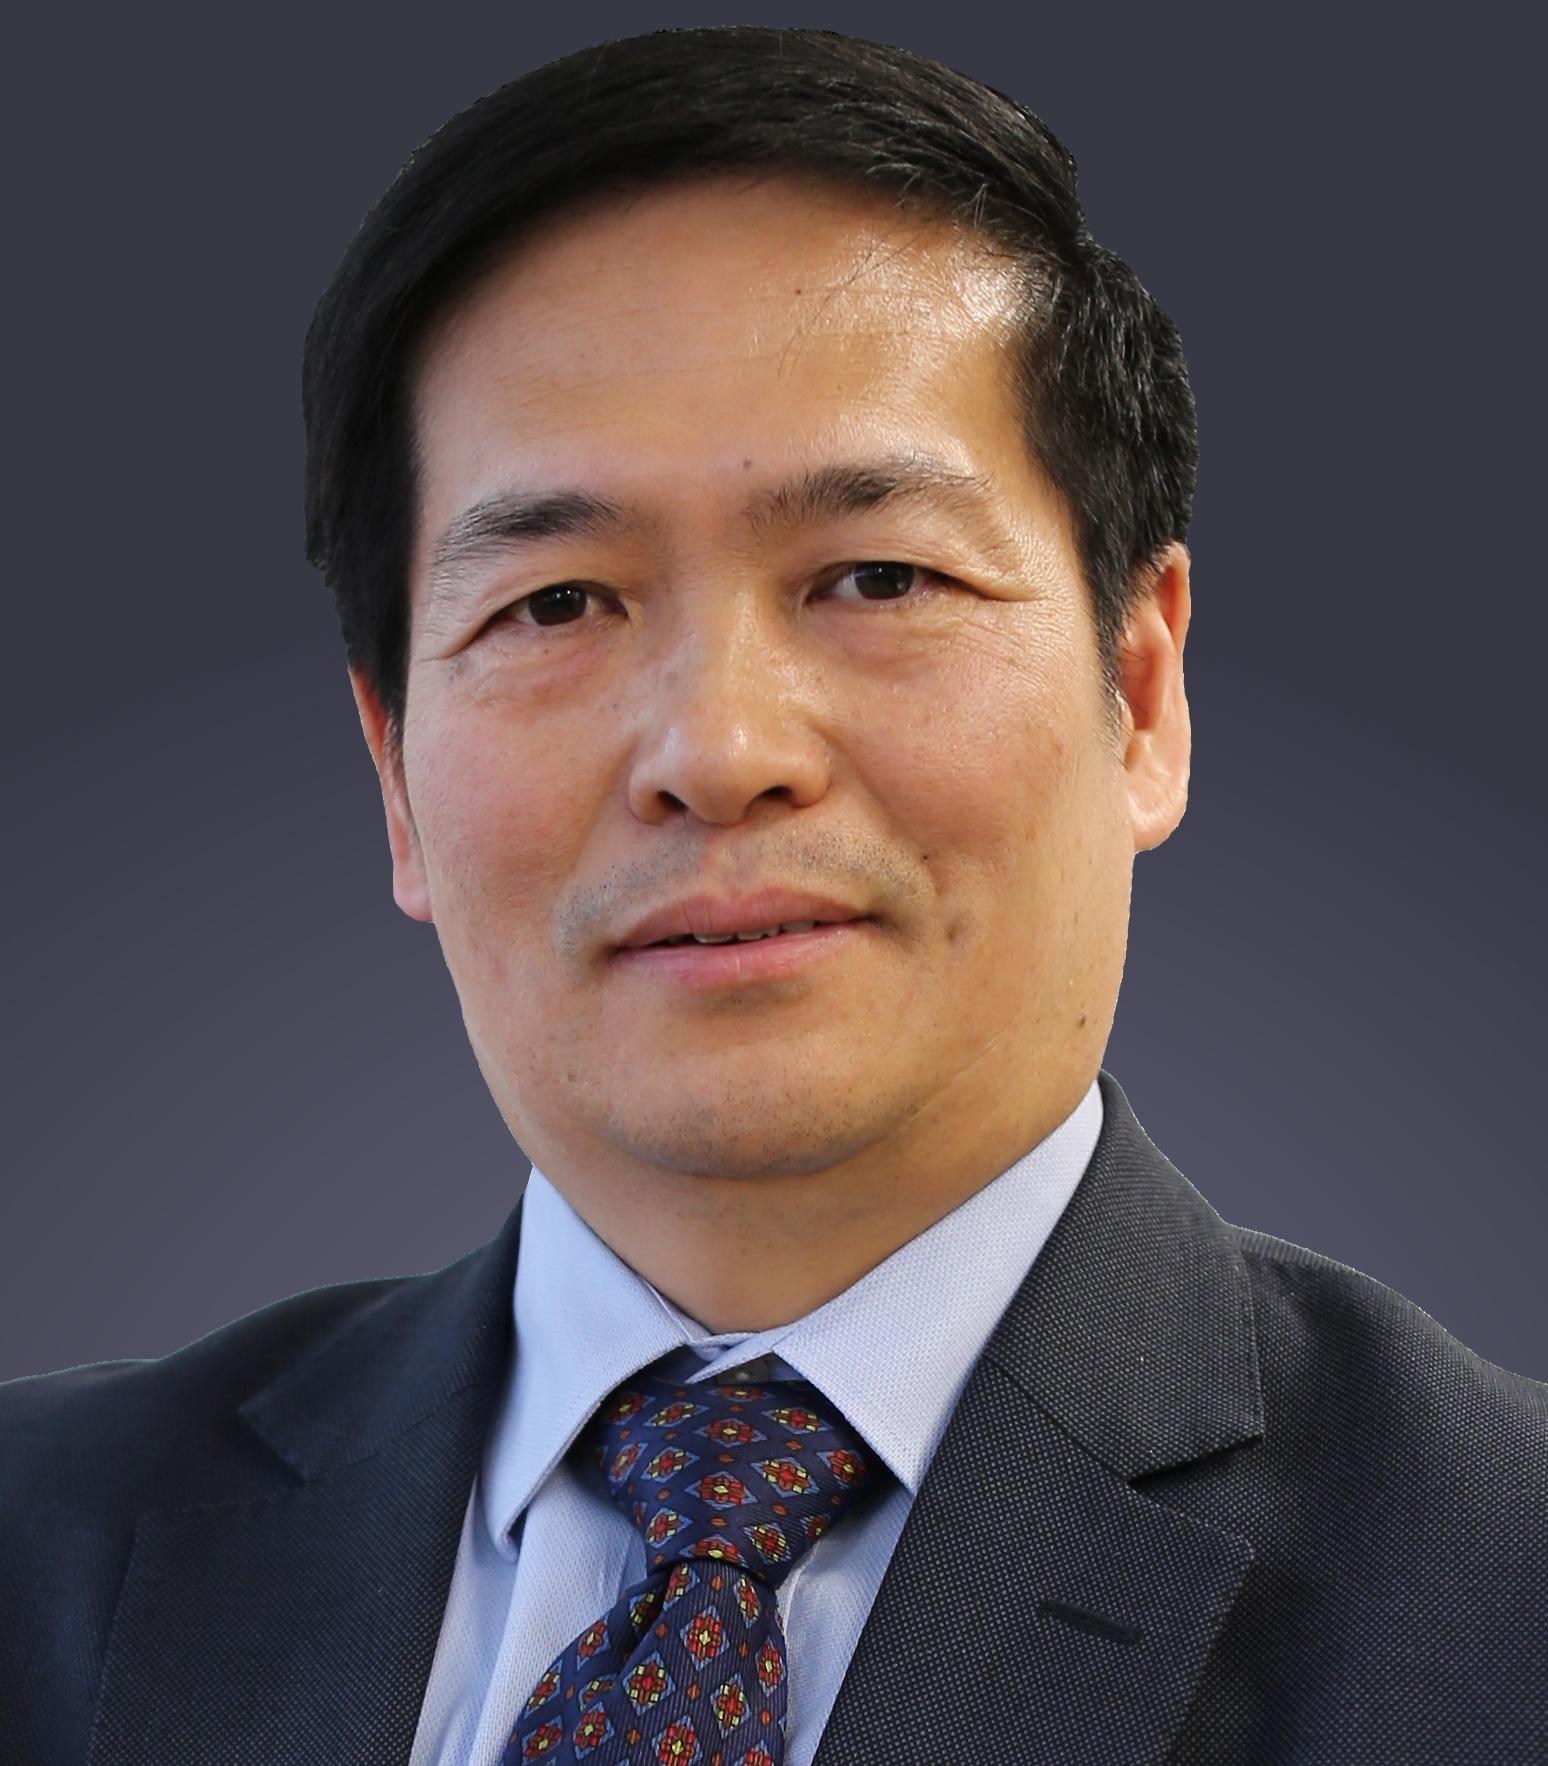 Xiao-Ping Zhang